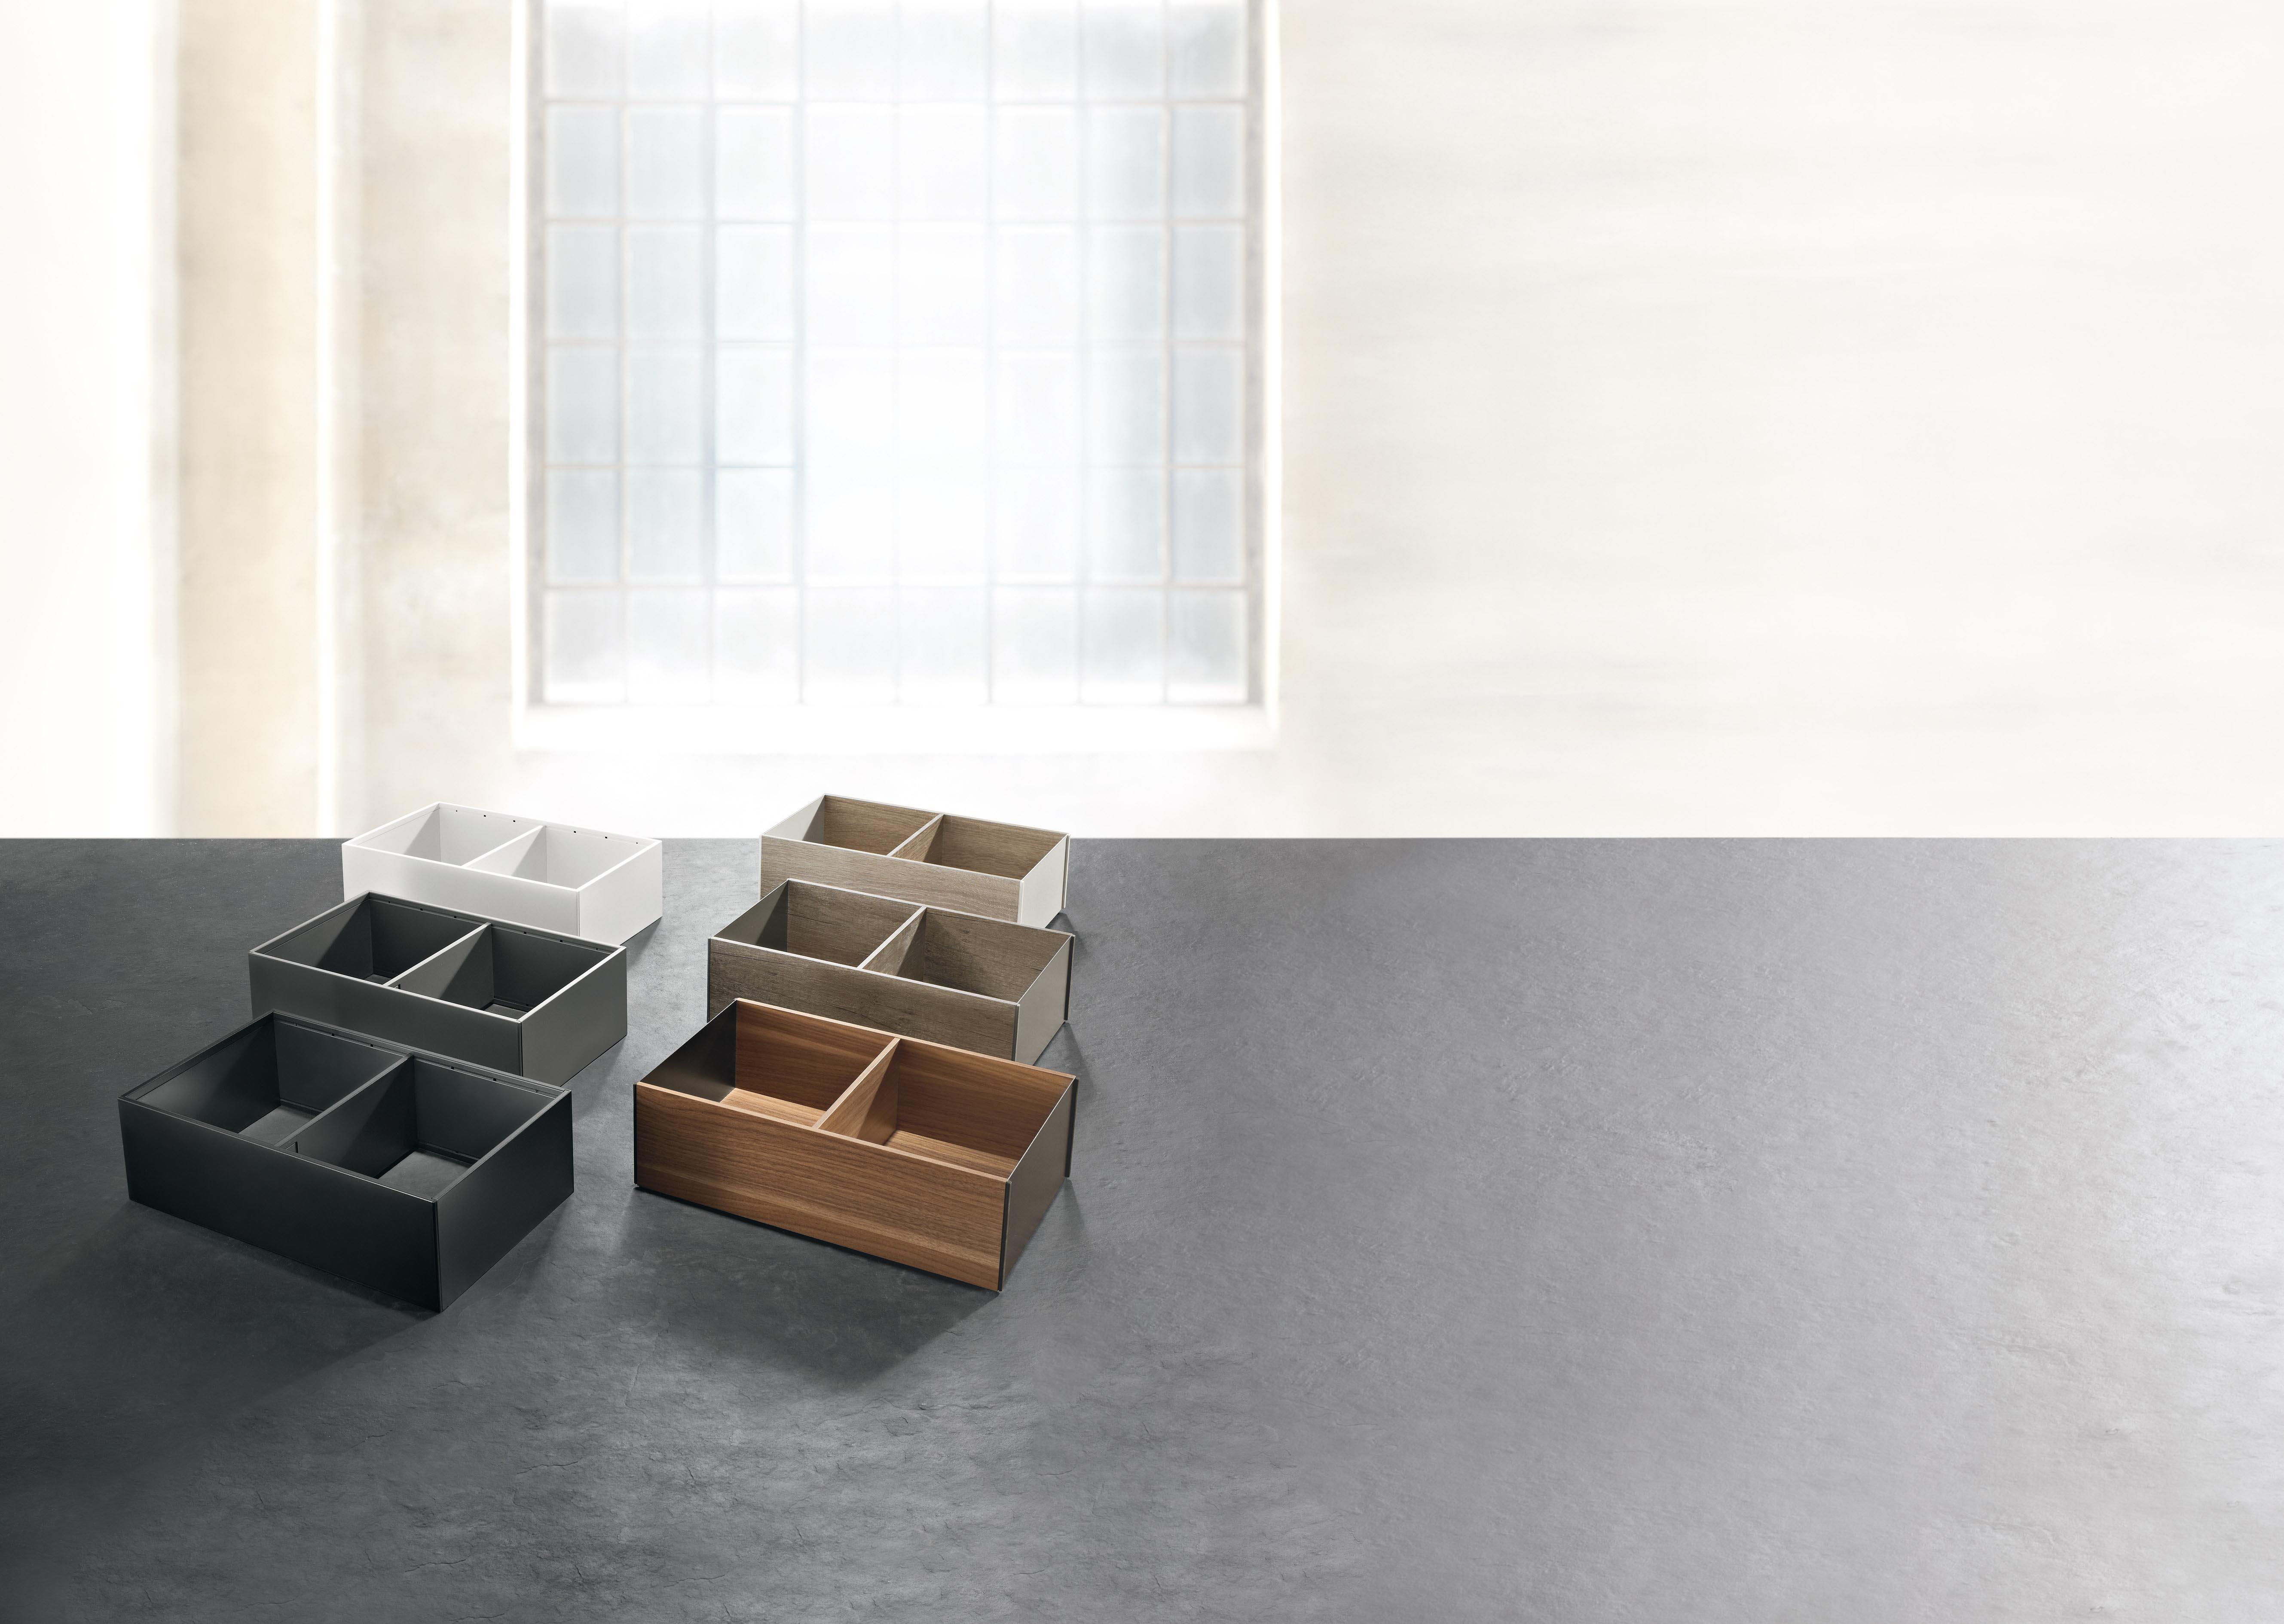 Perfect de keukenlade indelen met Legrabox van Blum